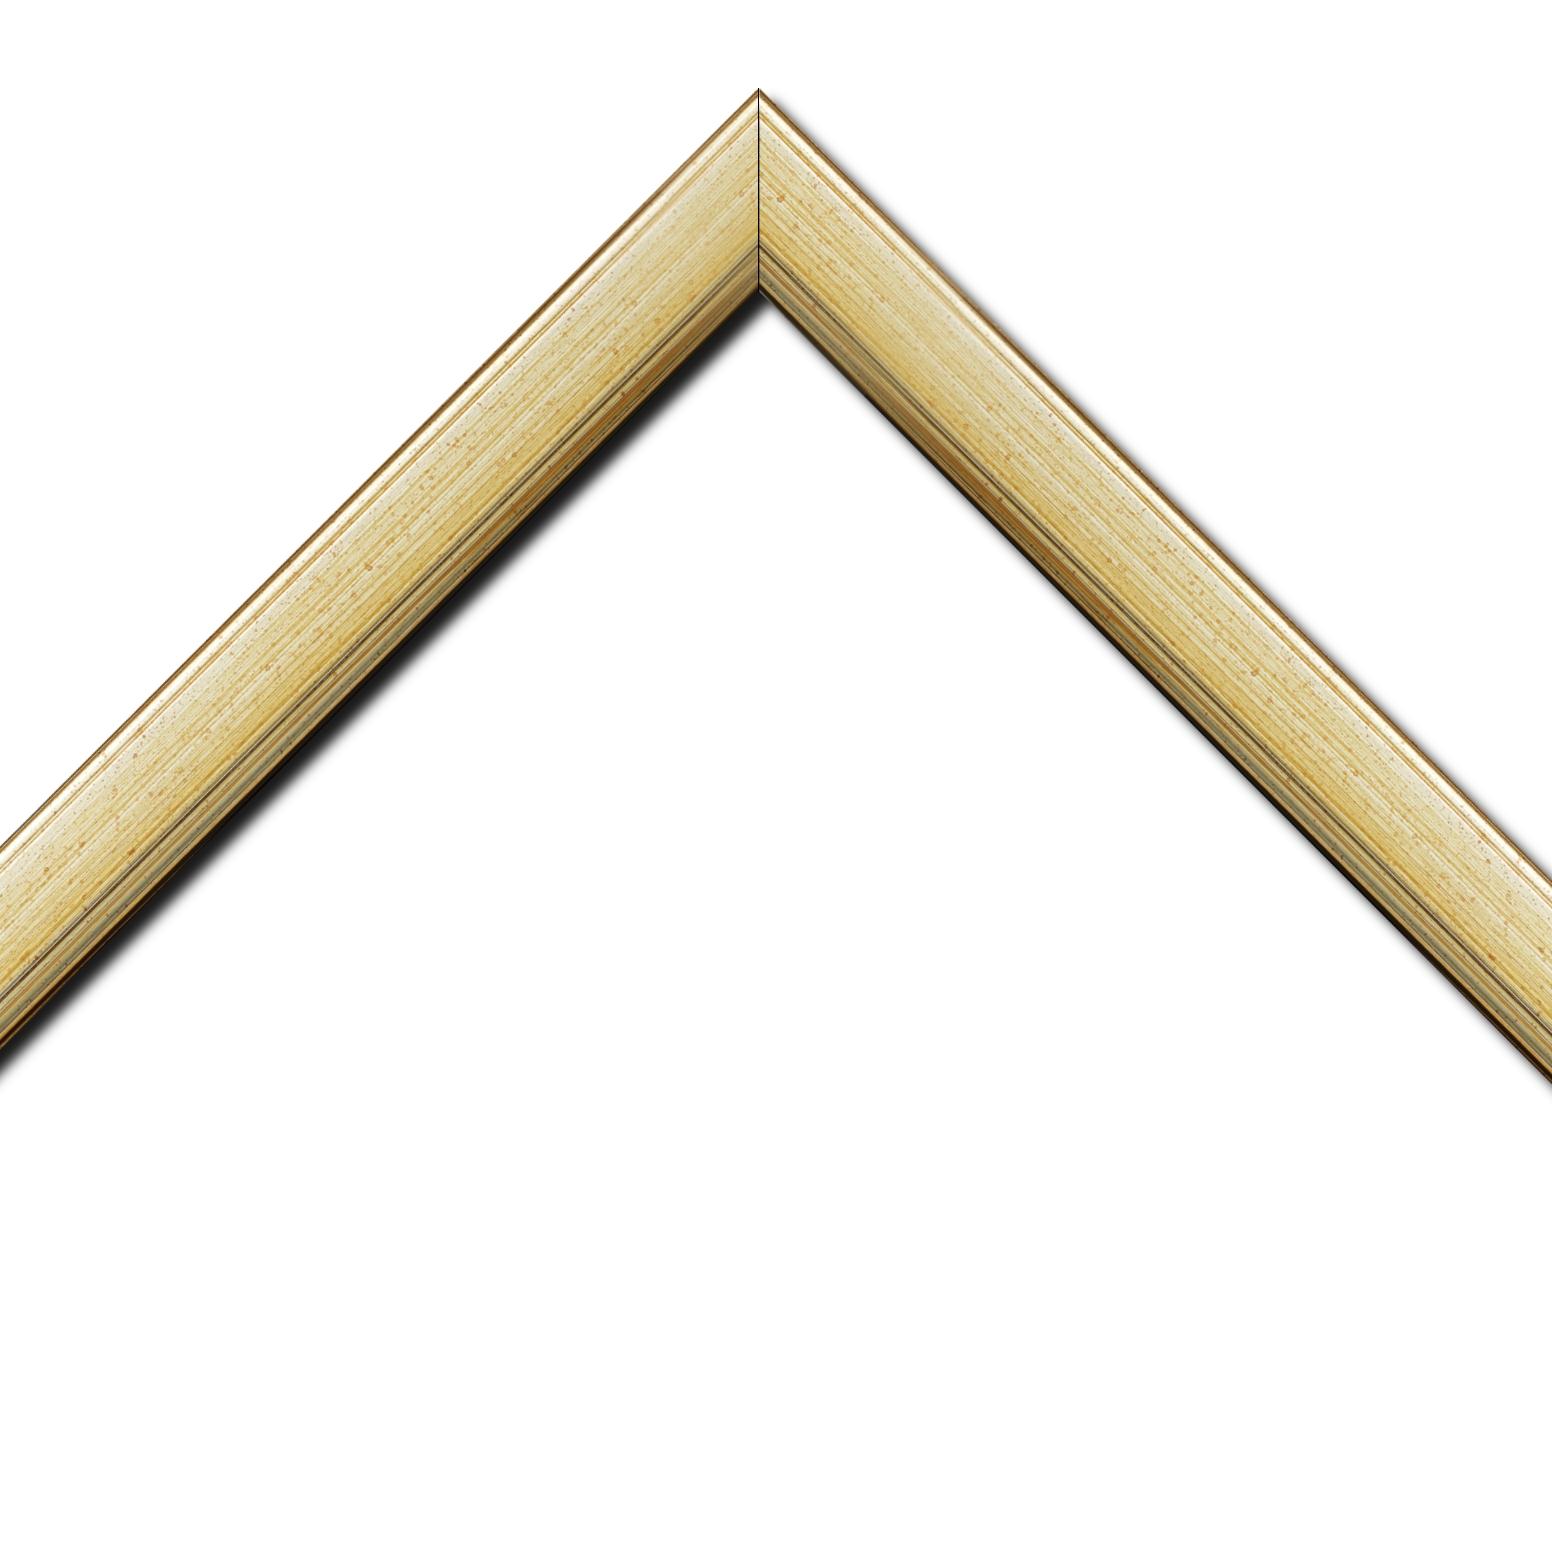 Baguette bois profil plat largeur 3.5cm couleur argent chaud filet argent